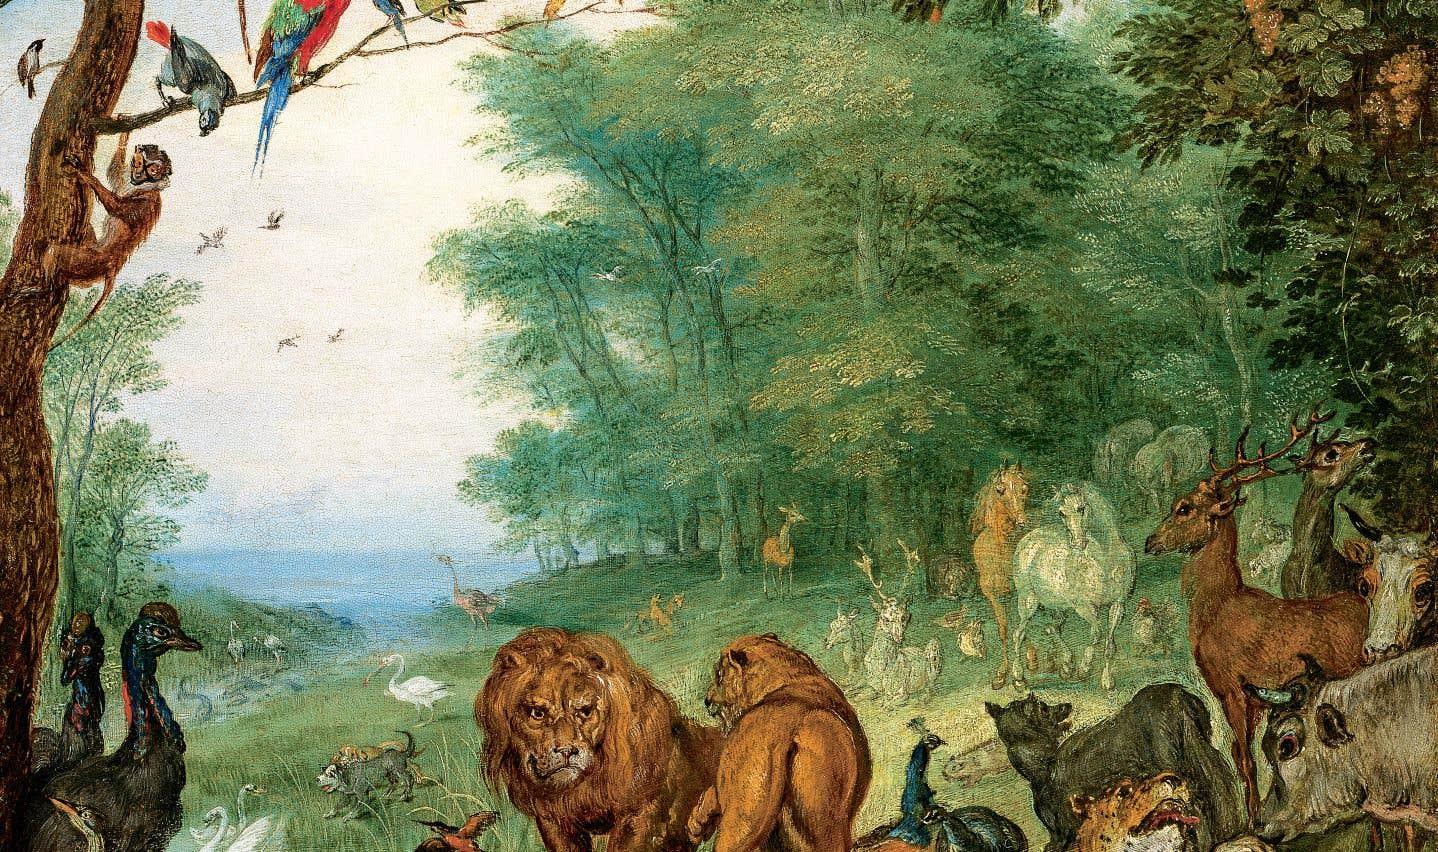 Paysage du paradis peuplé d'animaux et d'oiseaux dans une clairière, près d'un étang (1617 ou 1615), Jan Bruegel le Vieux